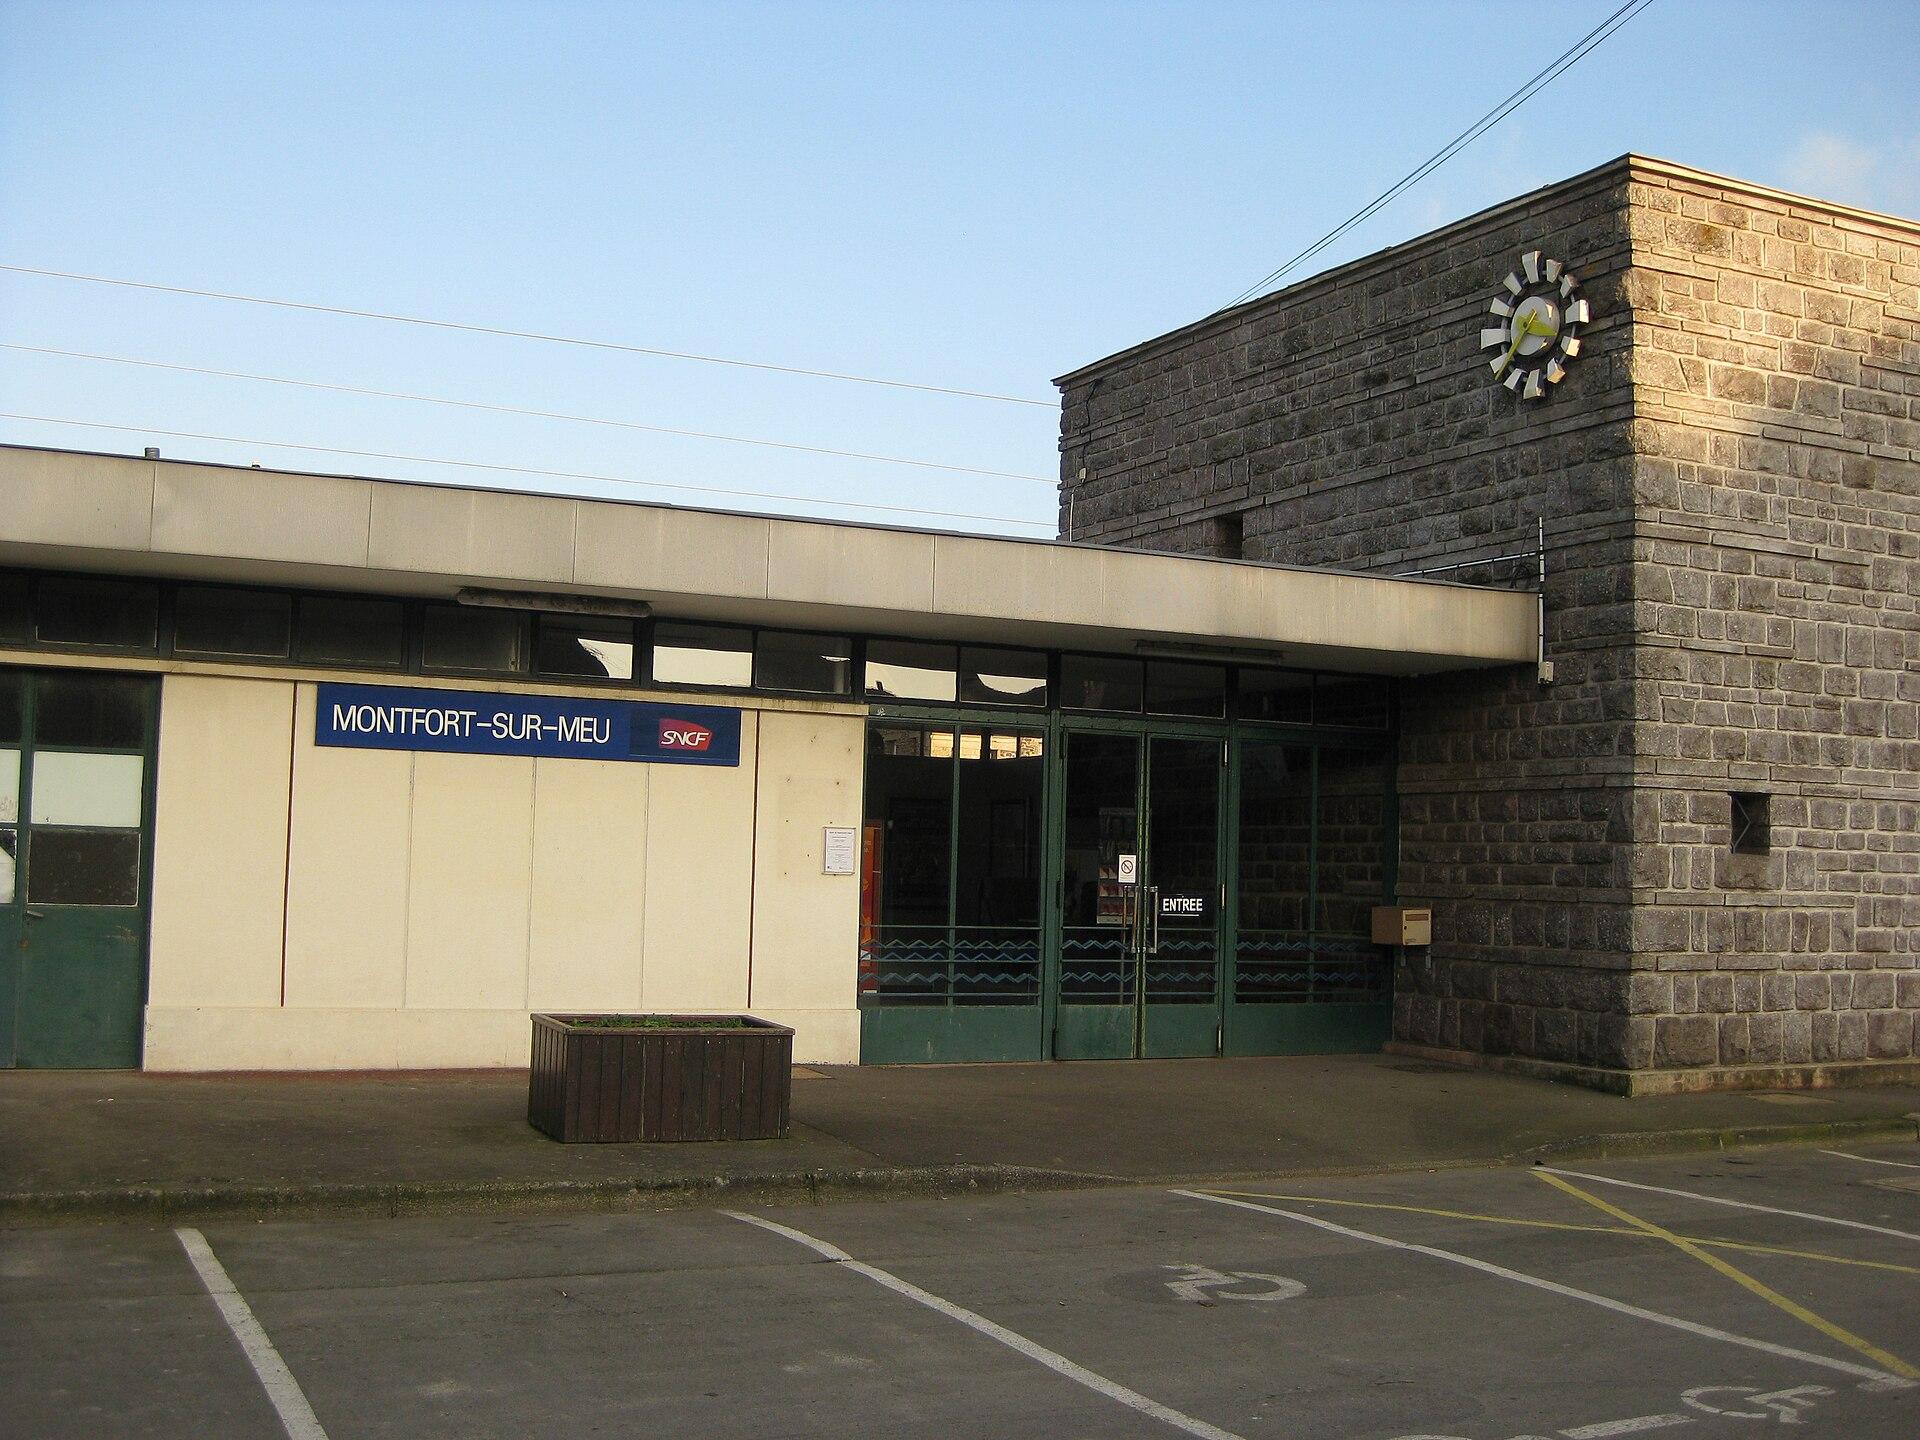 Station montfort sur meu wikipedia for Architecte montfort sur meu